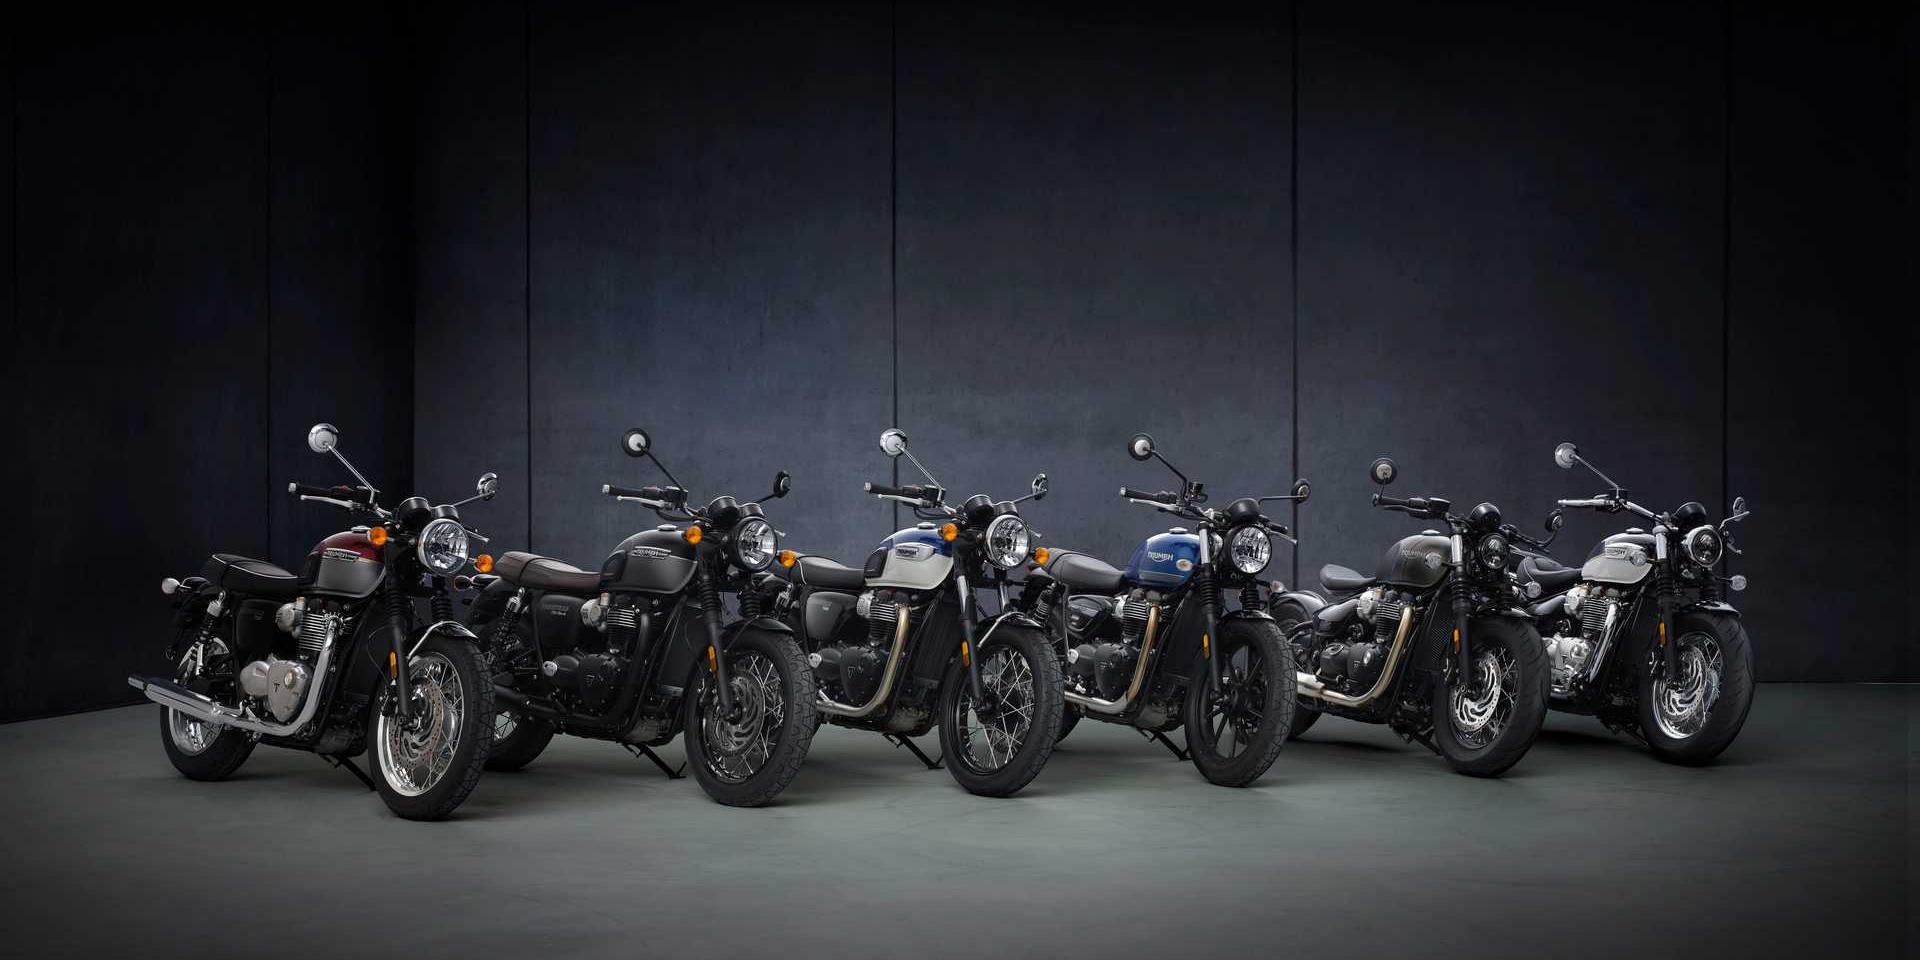 英倫紳士再進化 ! 2022 Triumph Bonneville系列更新發表